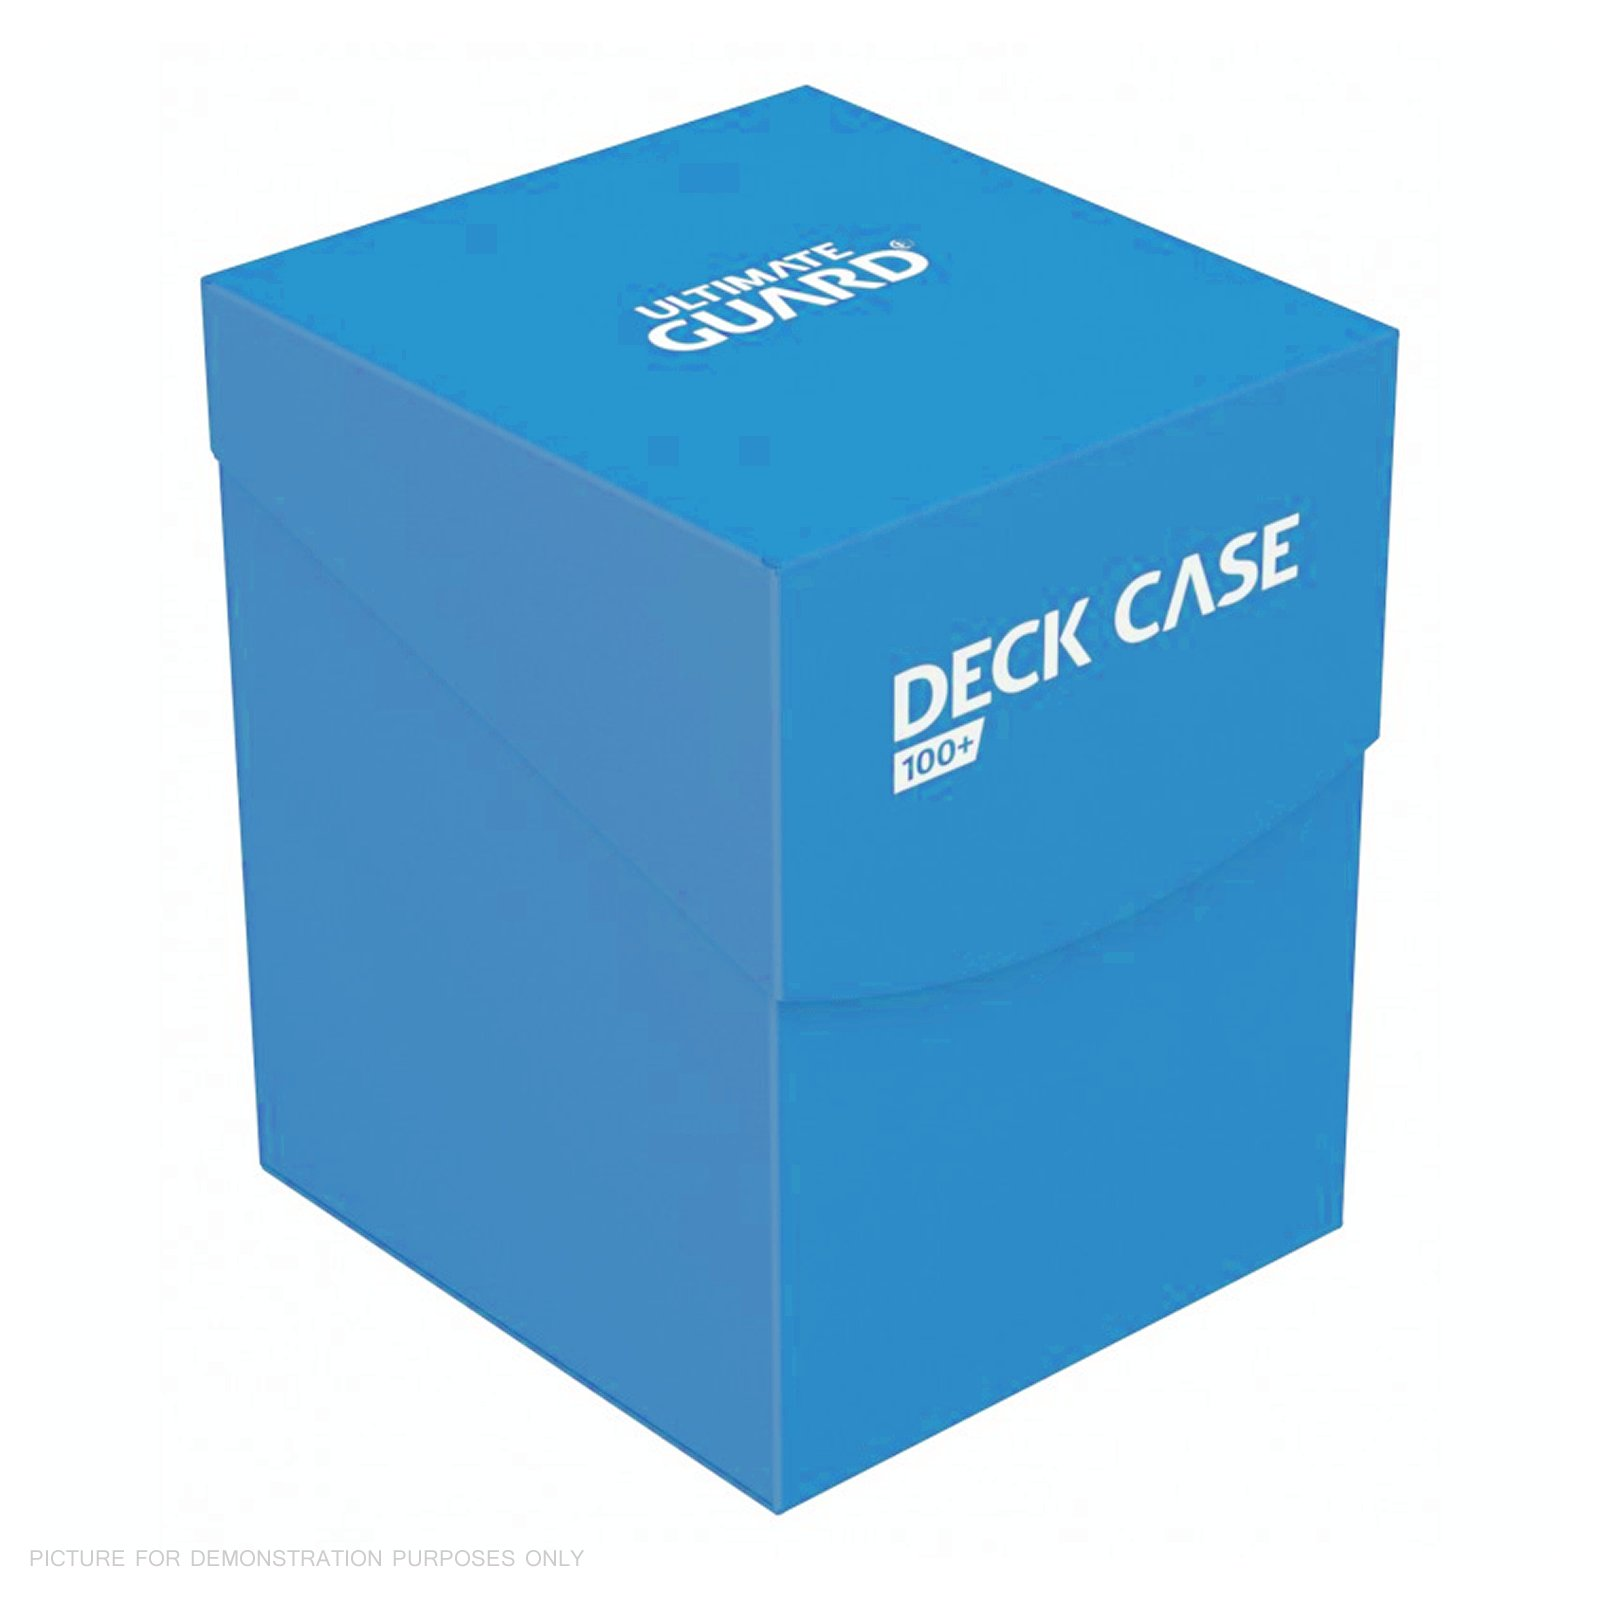 Deck Case Ultimate Guard Light Blue (100+)